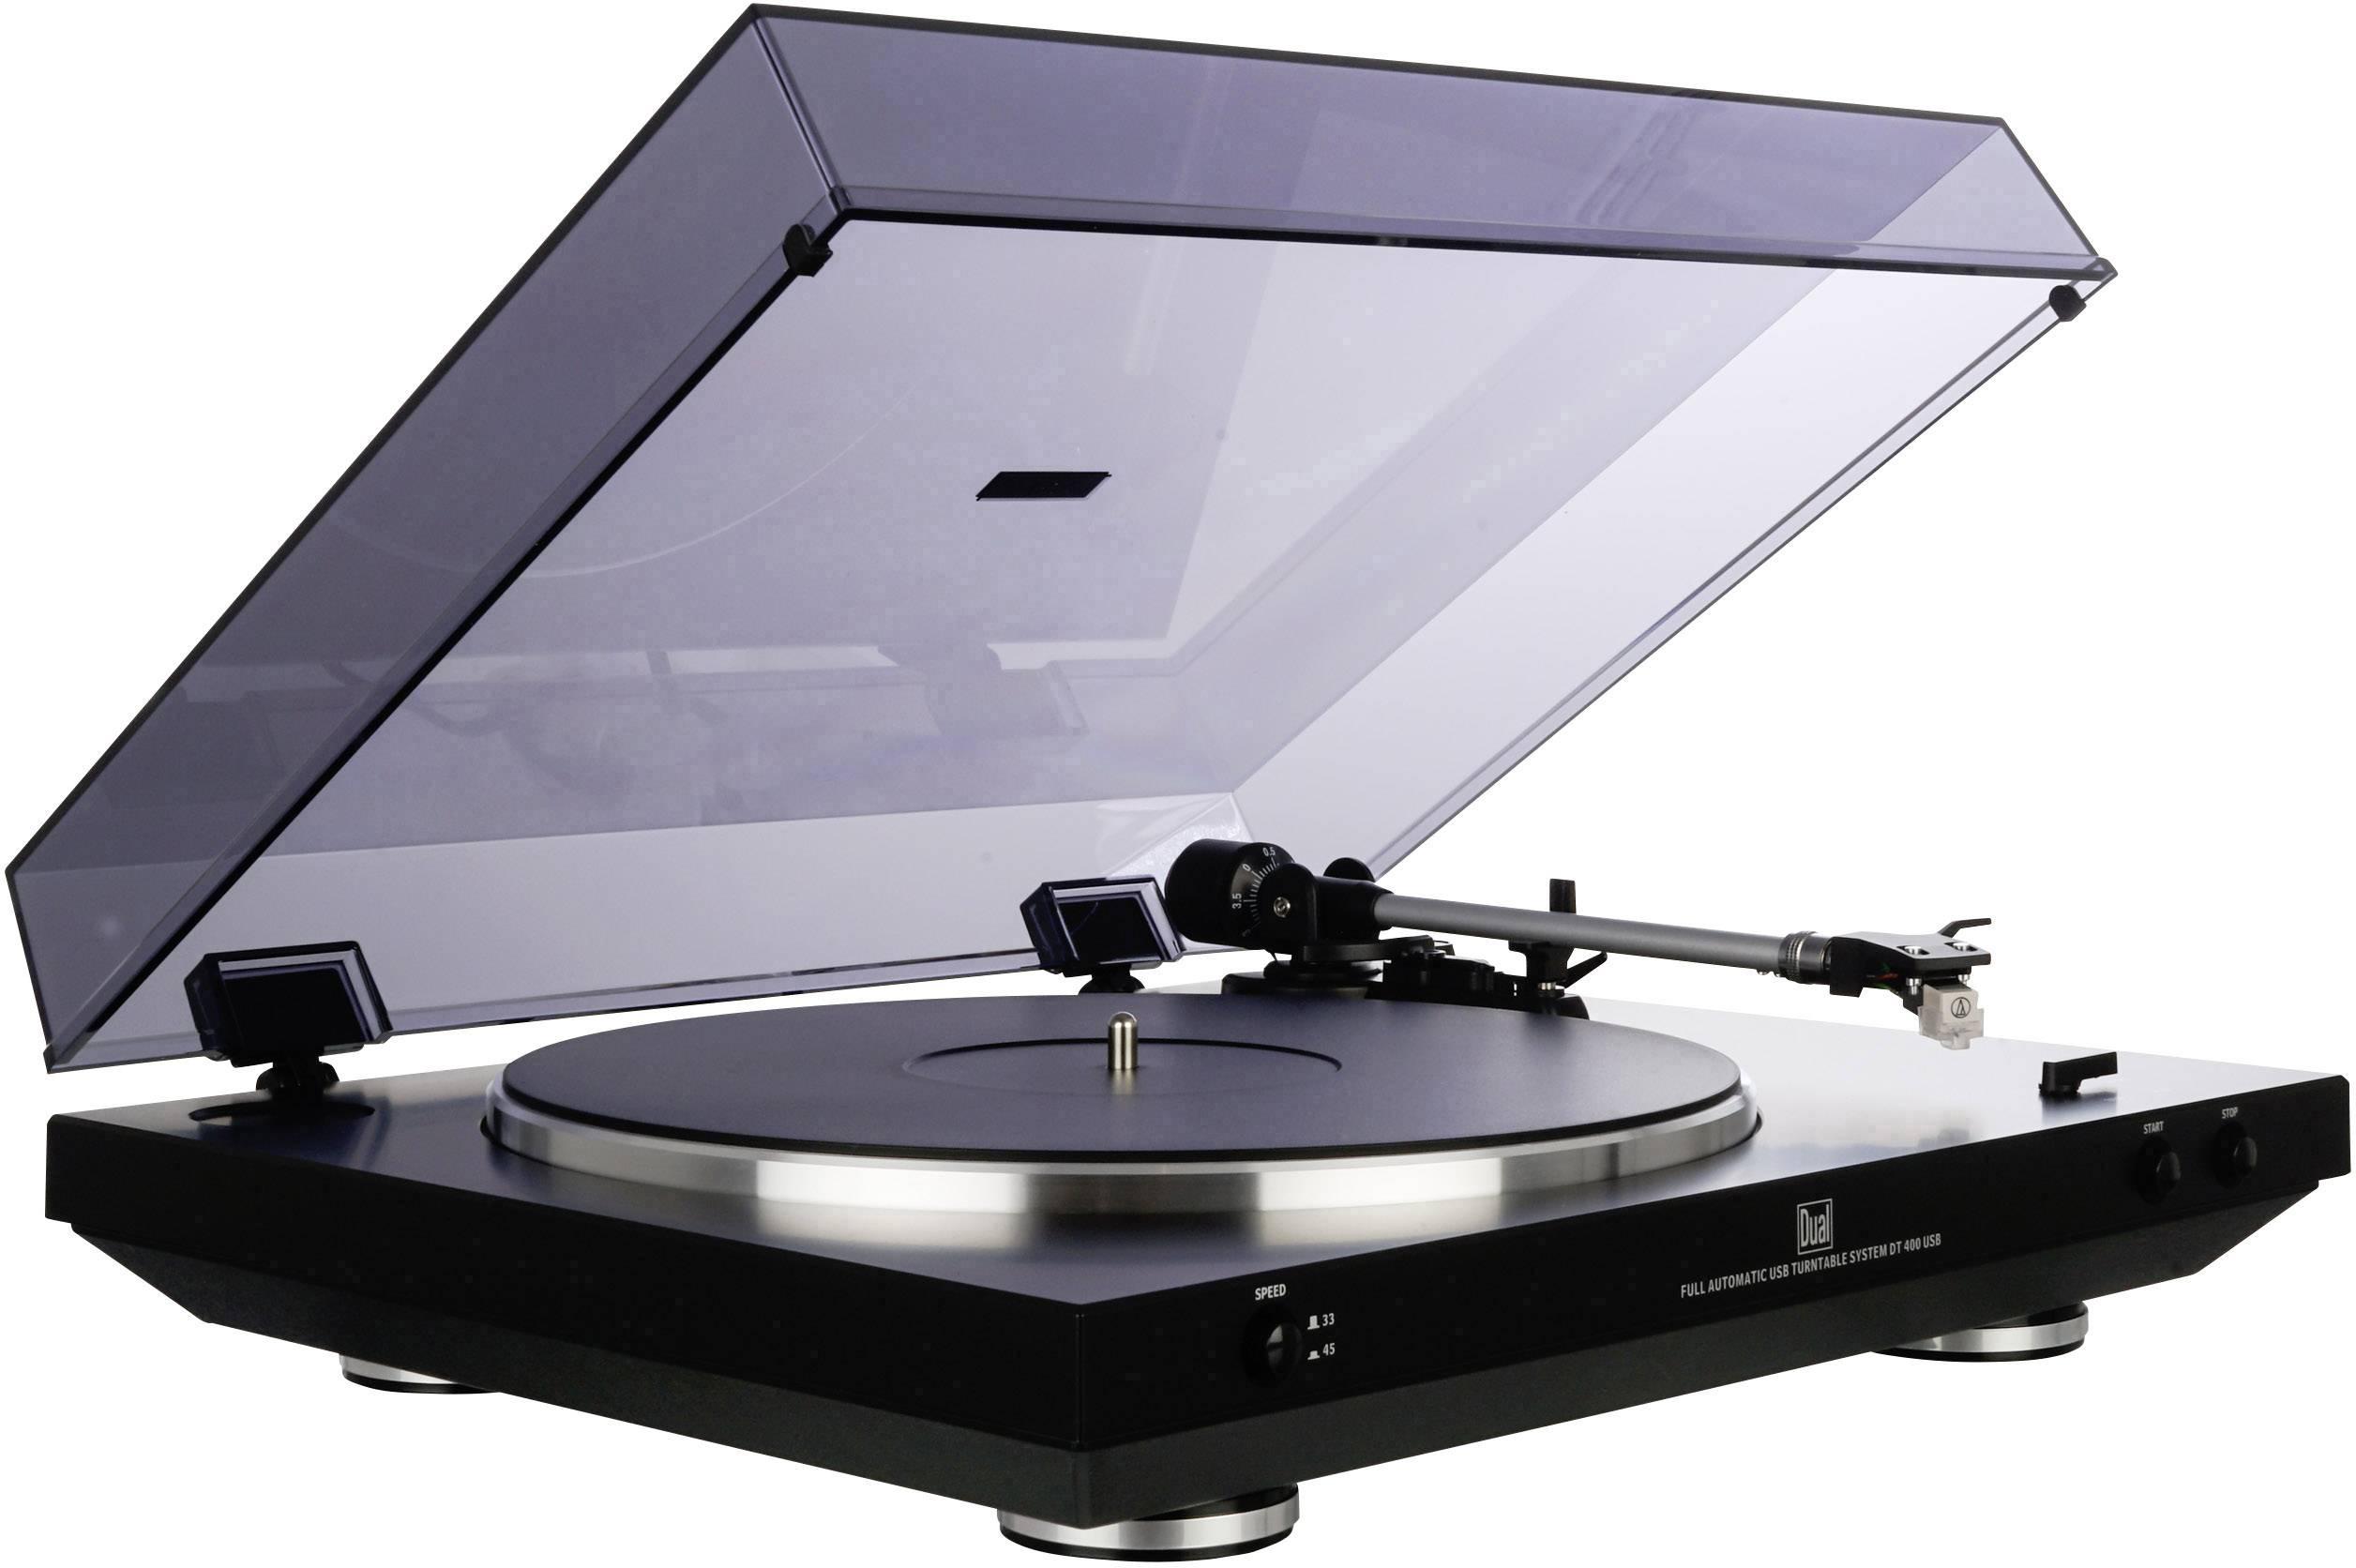 USB gramofon Dual DT 400 USB, řemínkový pohon, černá